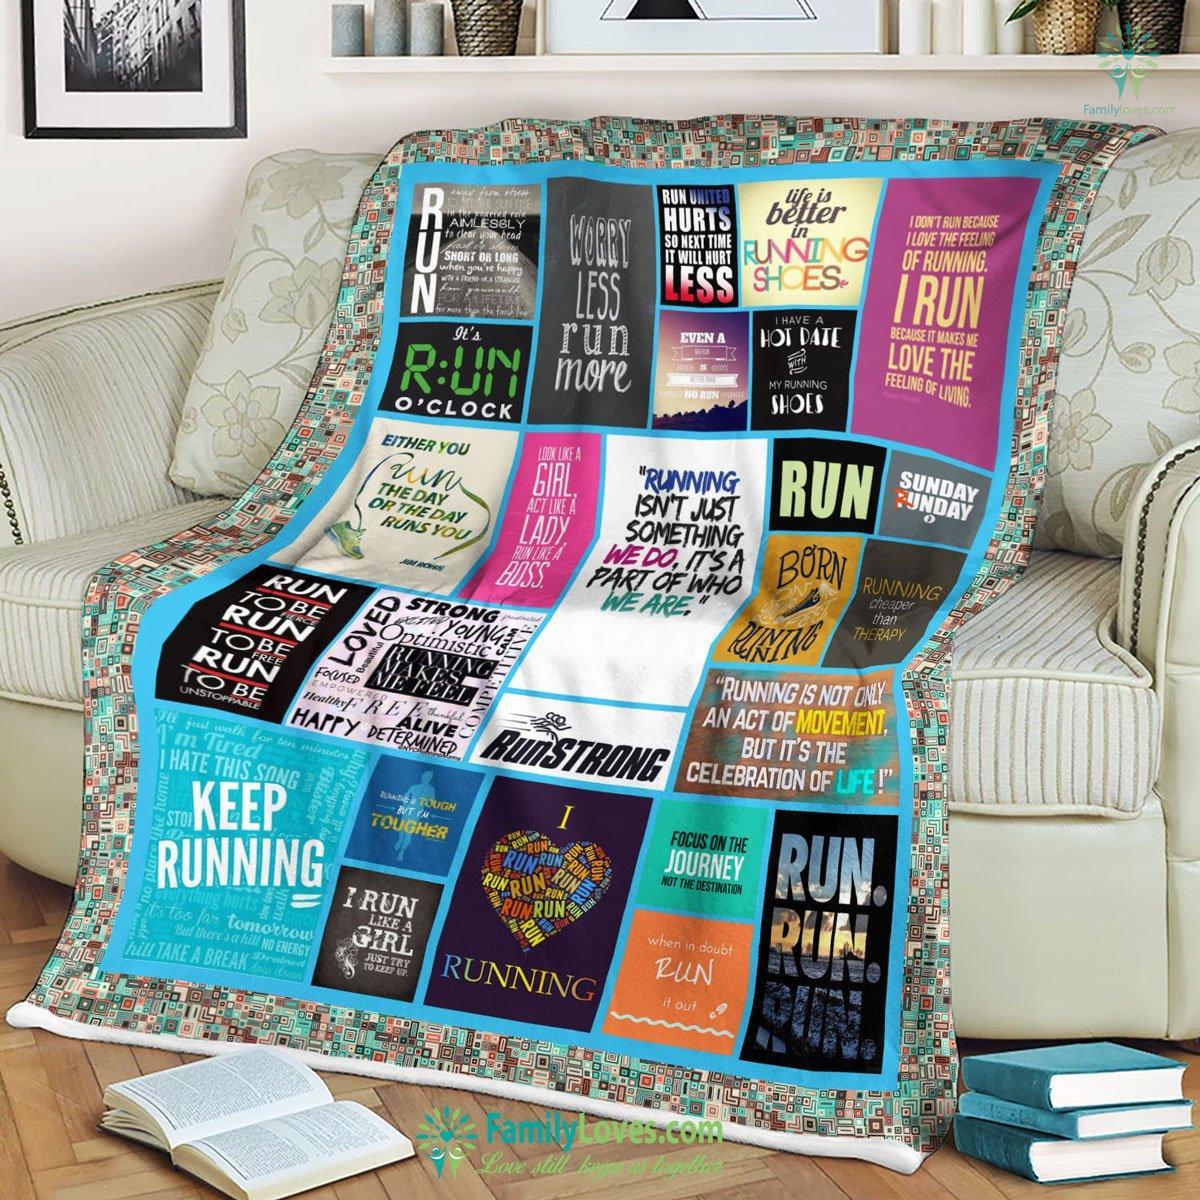 Worry Less Run More Blanket 1 Familyloves.com